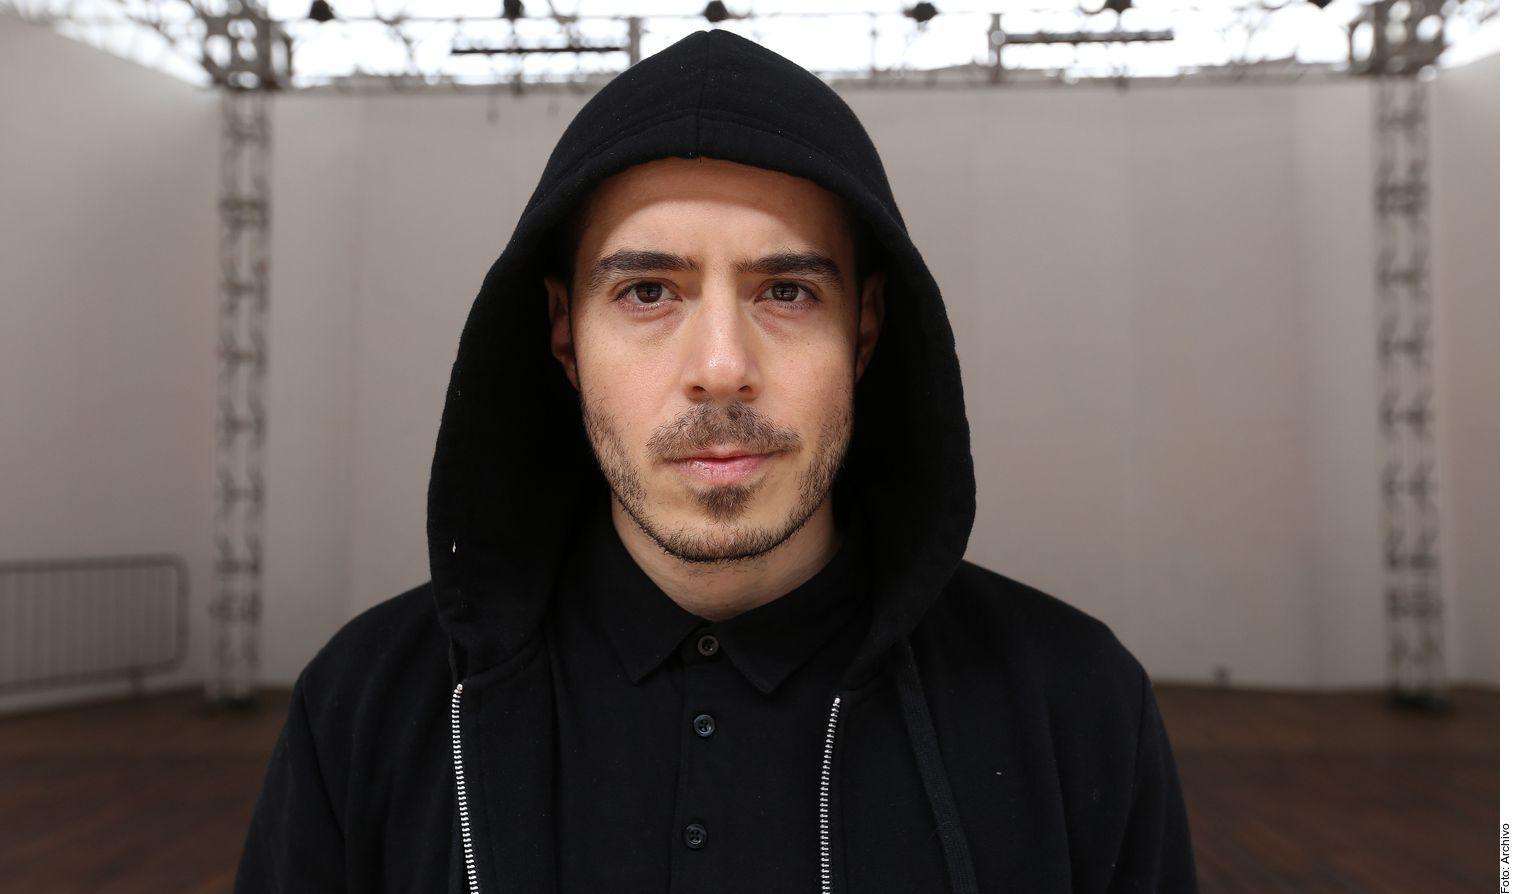 Pepe Madero fue incluido en el top ten de los artistas con mayor número de seguidores conectados en transmisiones en vivo por la revista Pollstar.